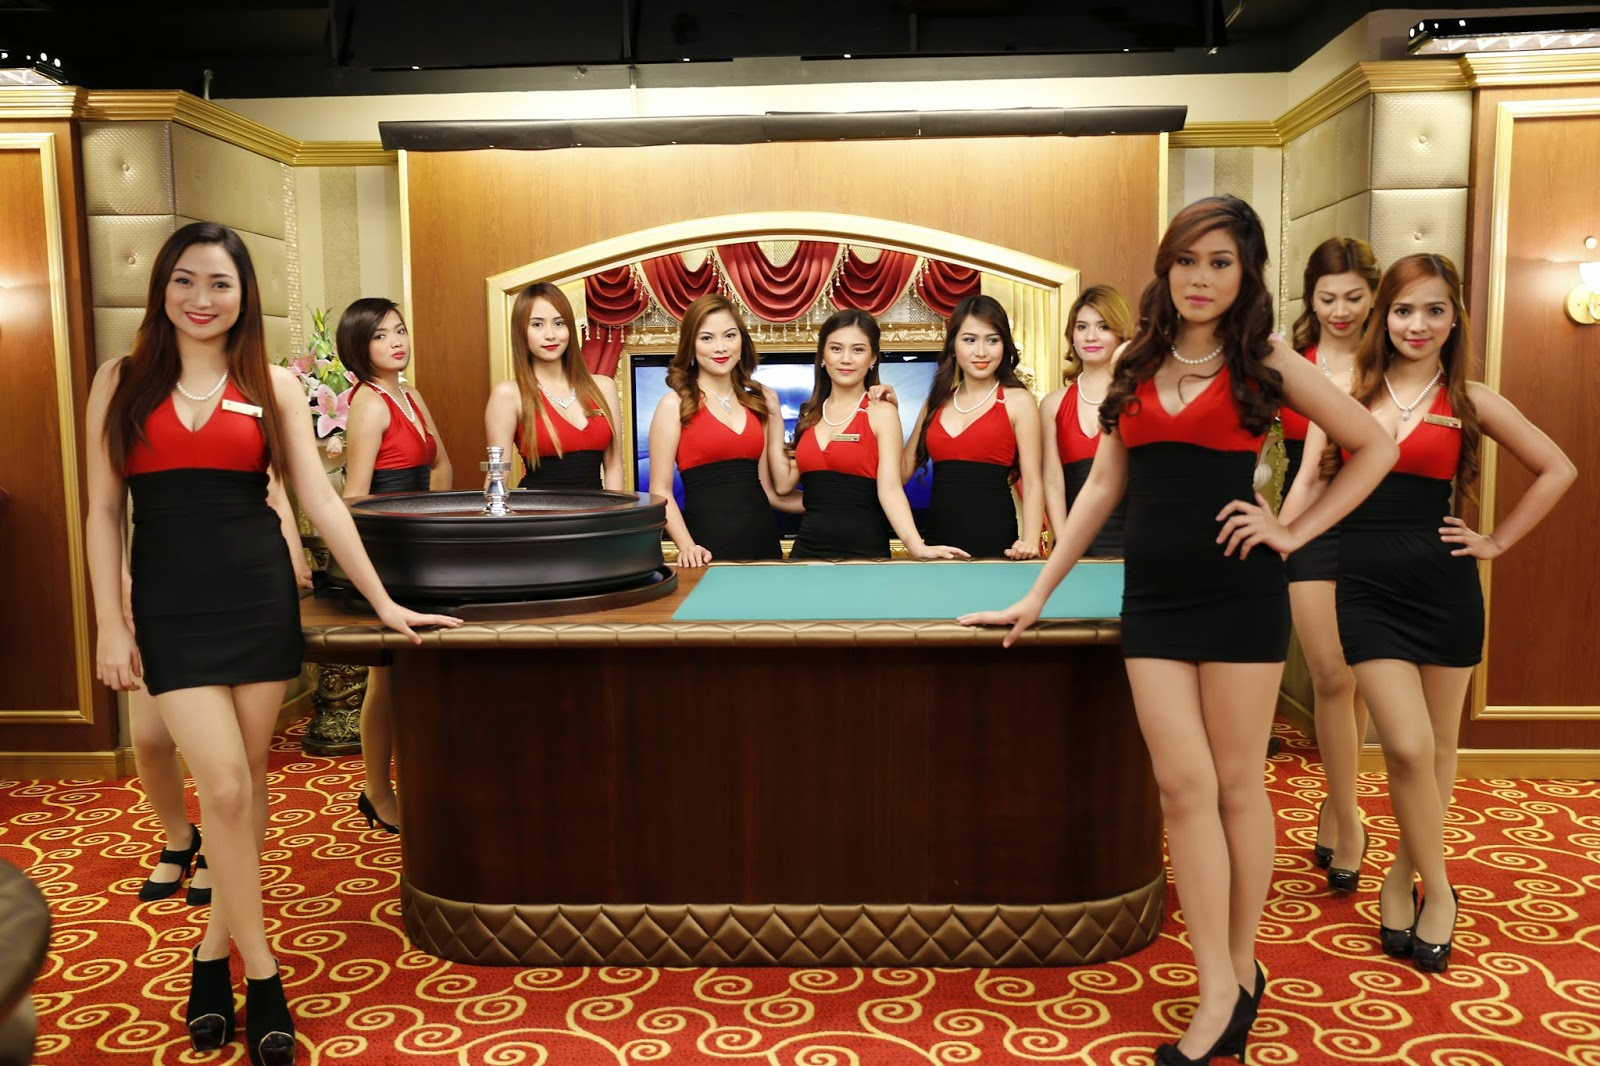 Malaysia + casinos casino thunderbird west wild